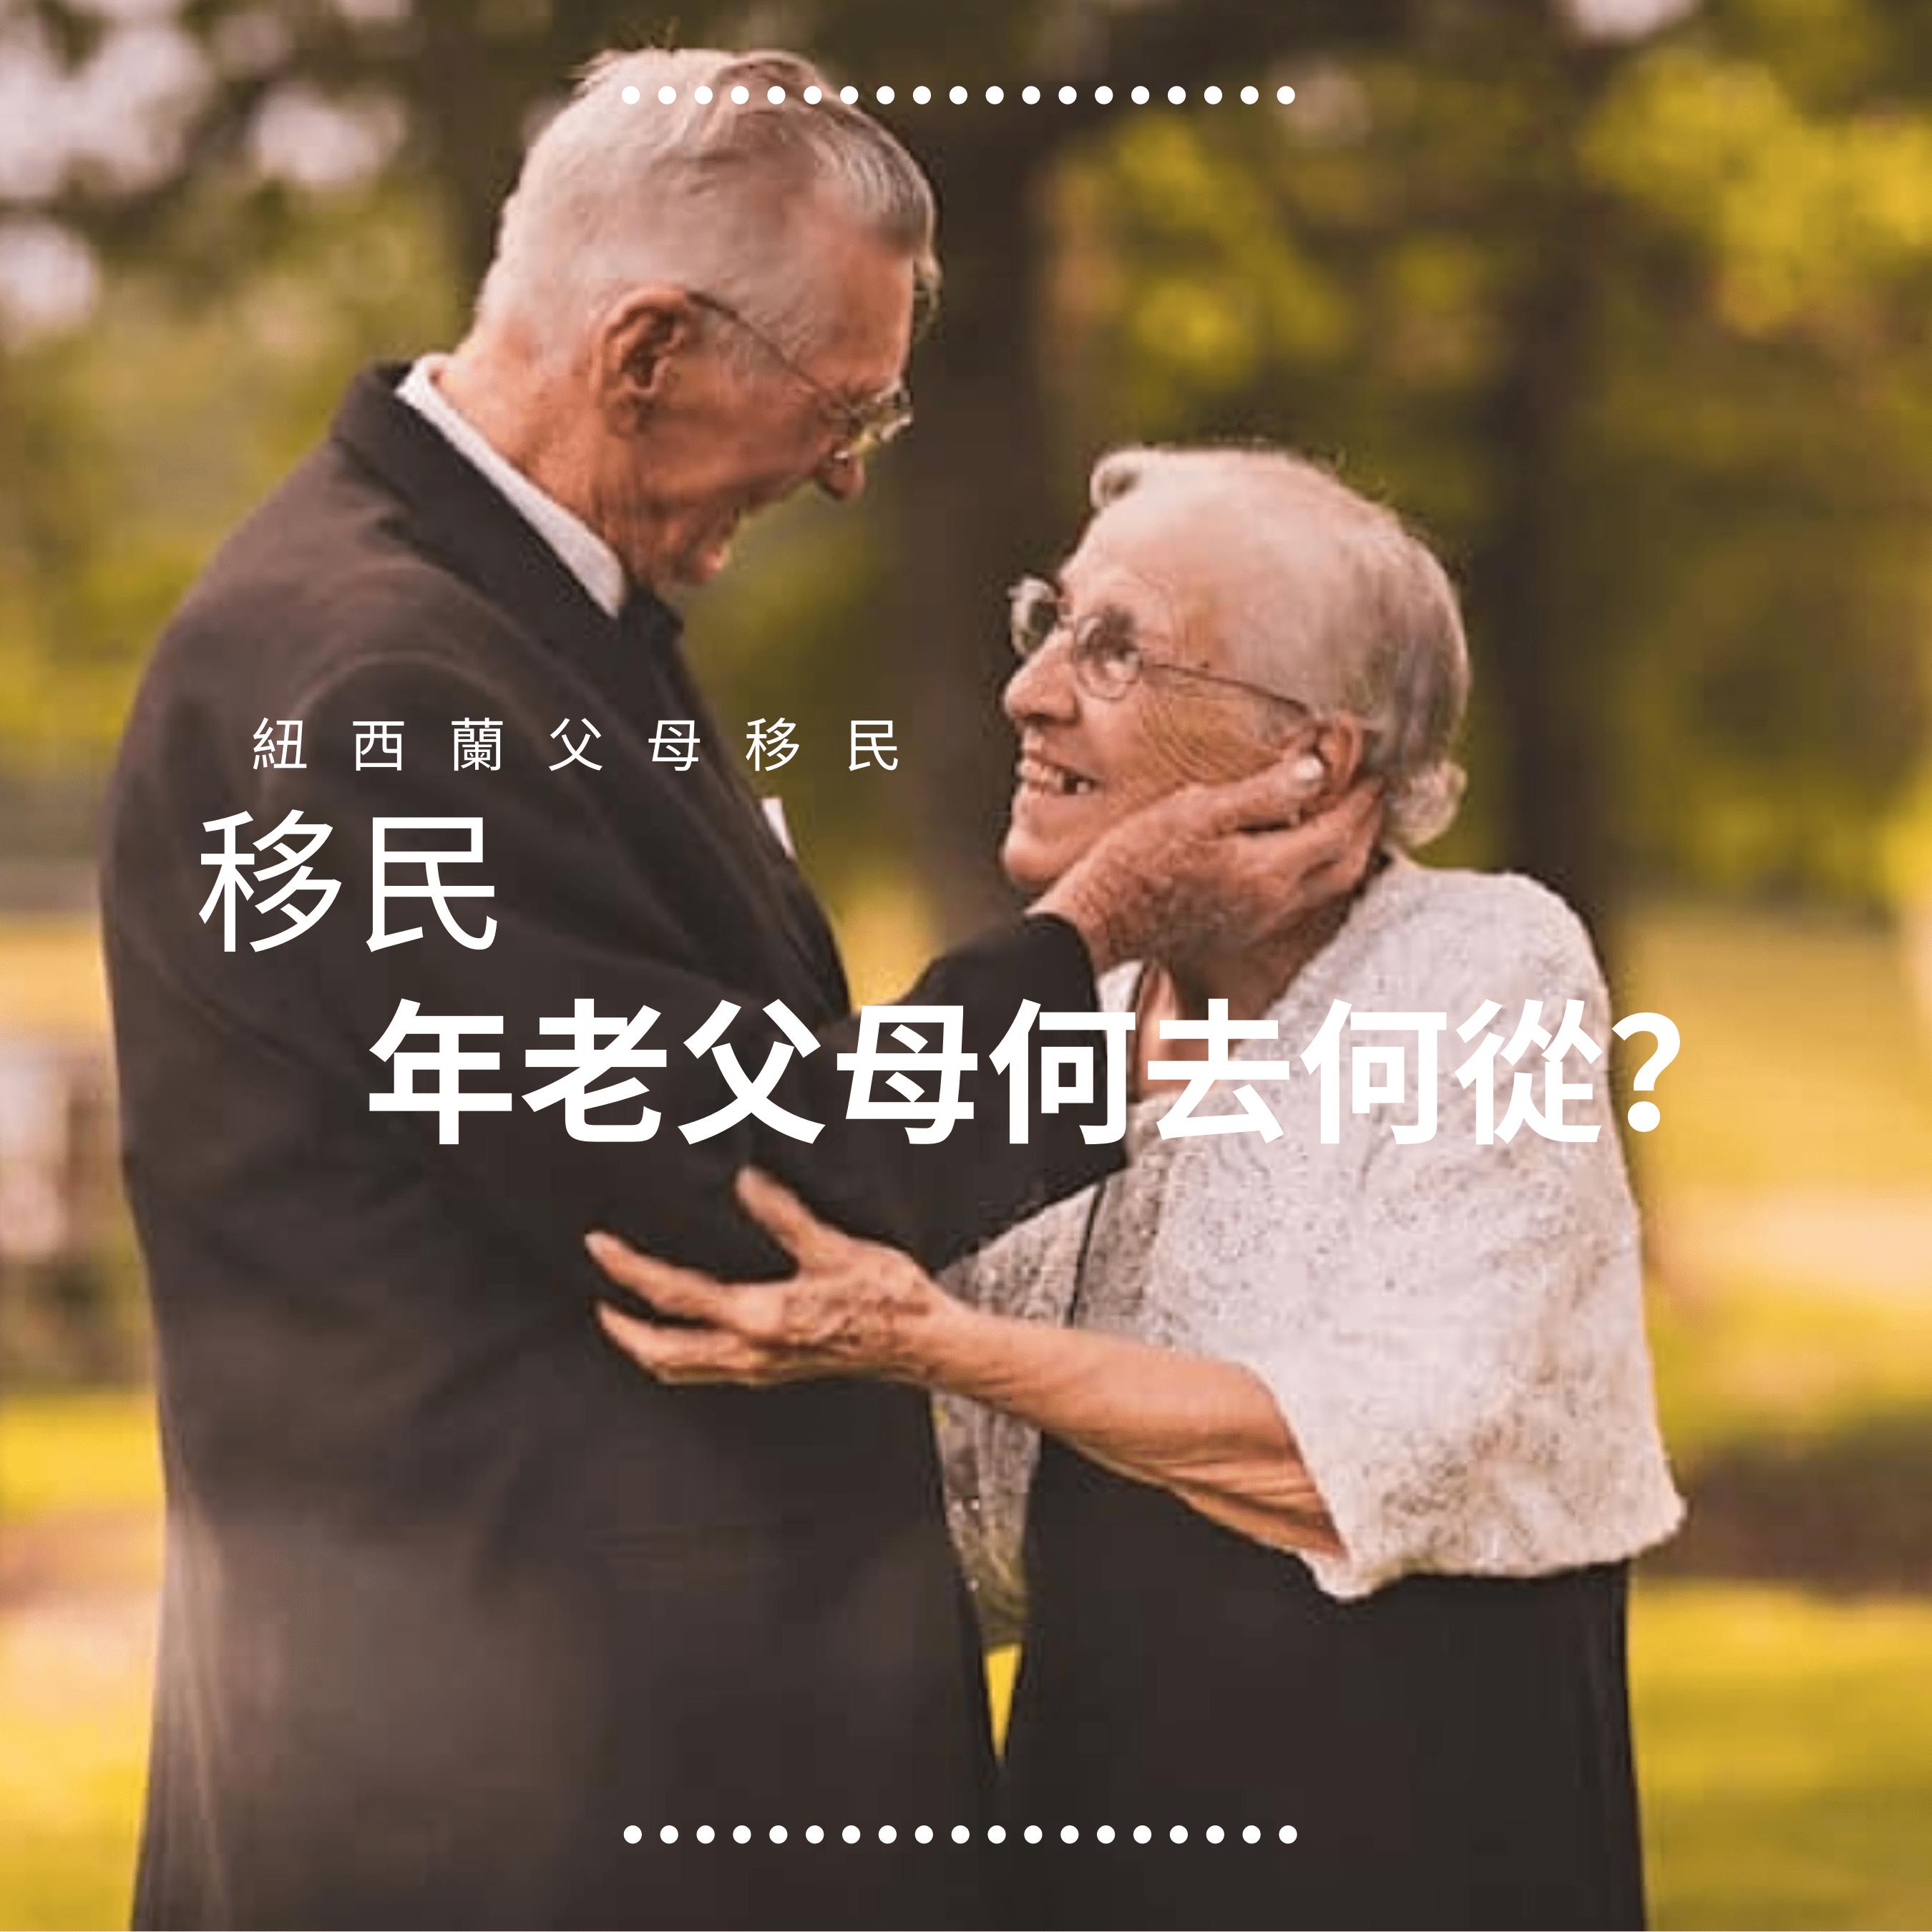 【紐西蘭父母移民】 移民 老父母何去何從?